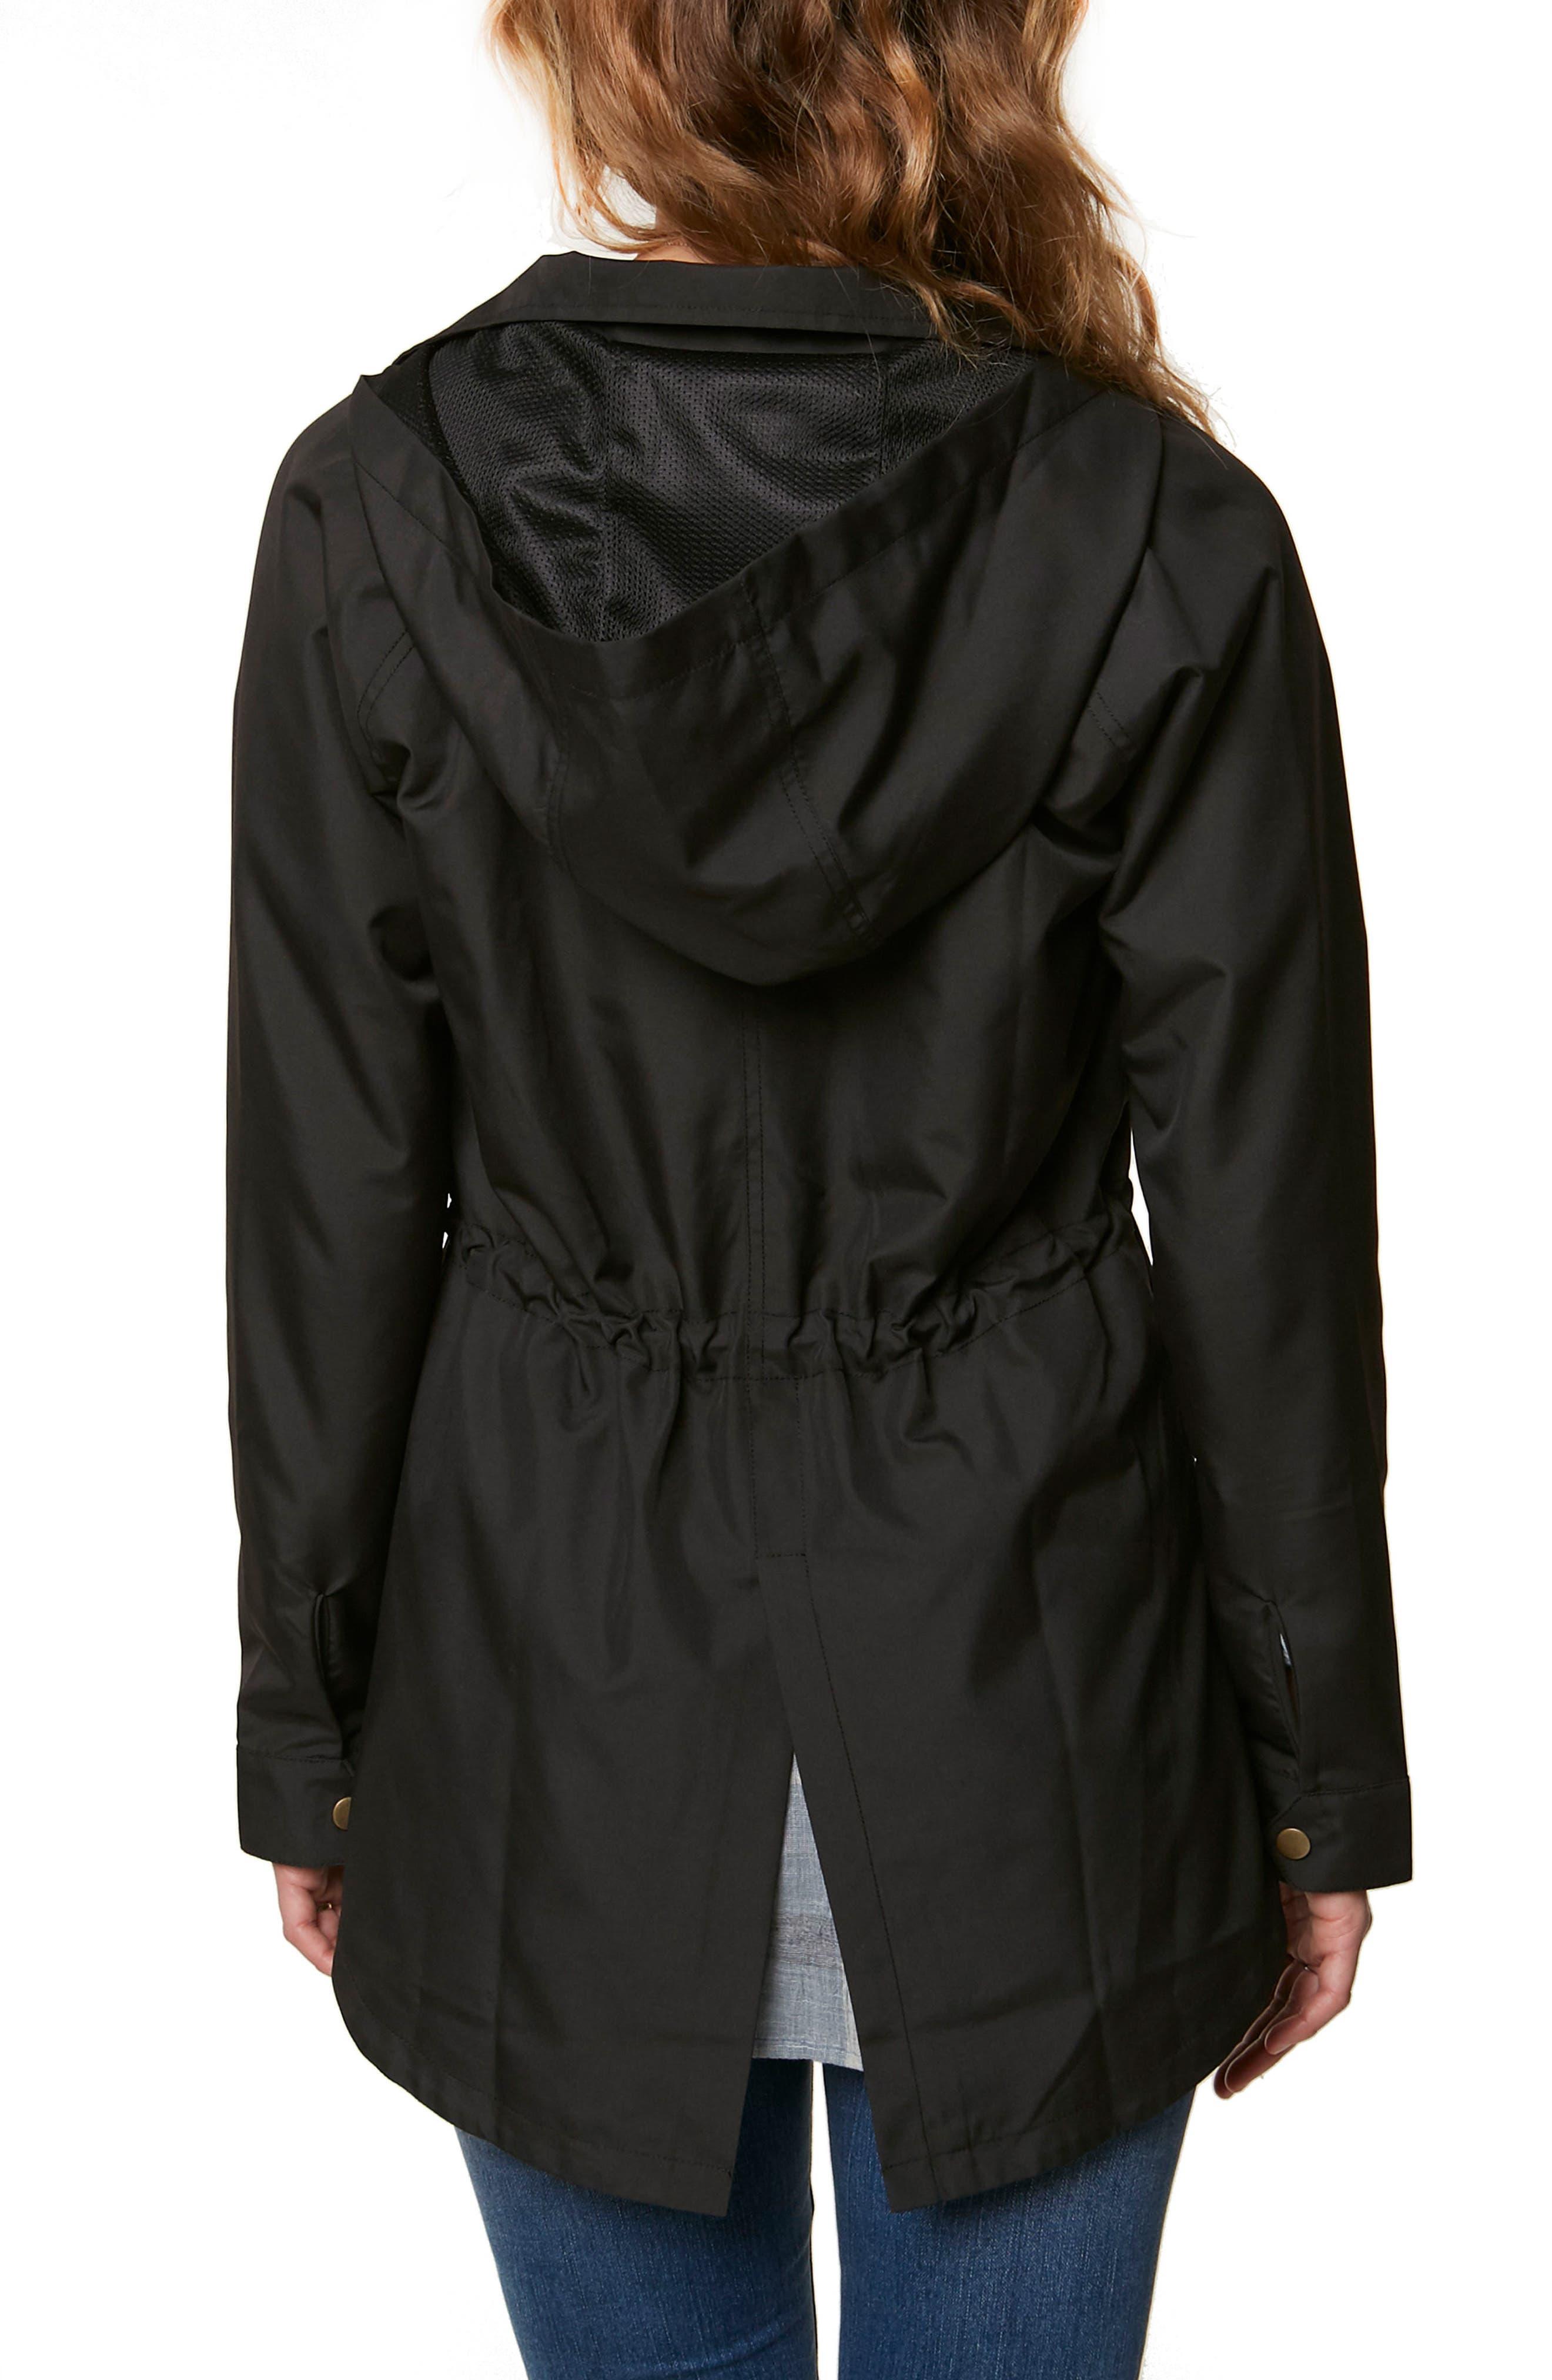 Gale Waterproof Hooded Jacket,                             Alternate thumbnail 2, color,                             001